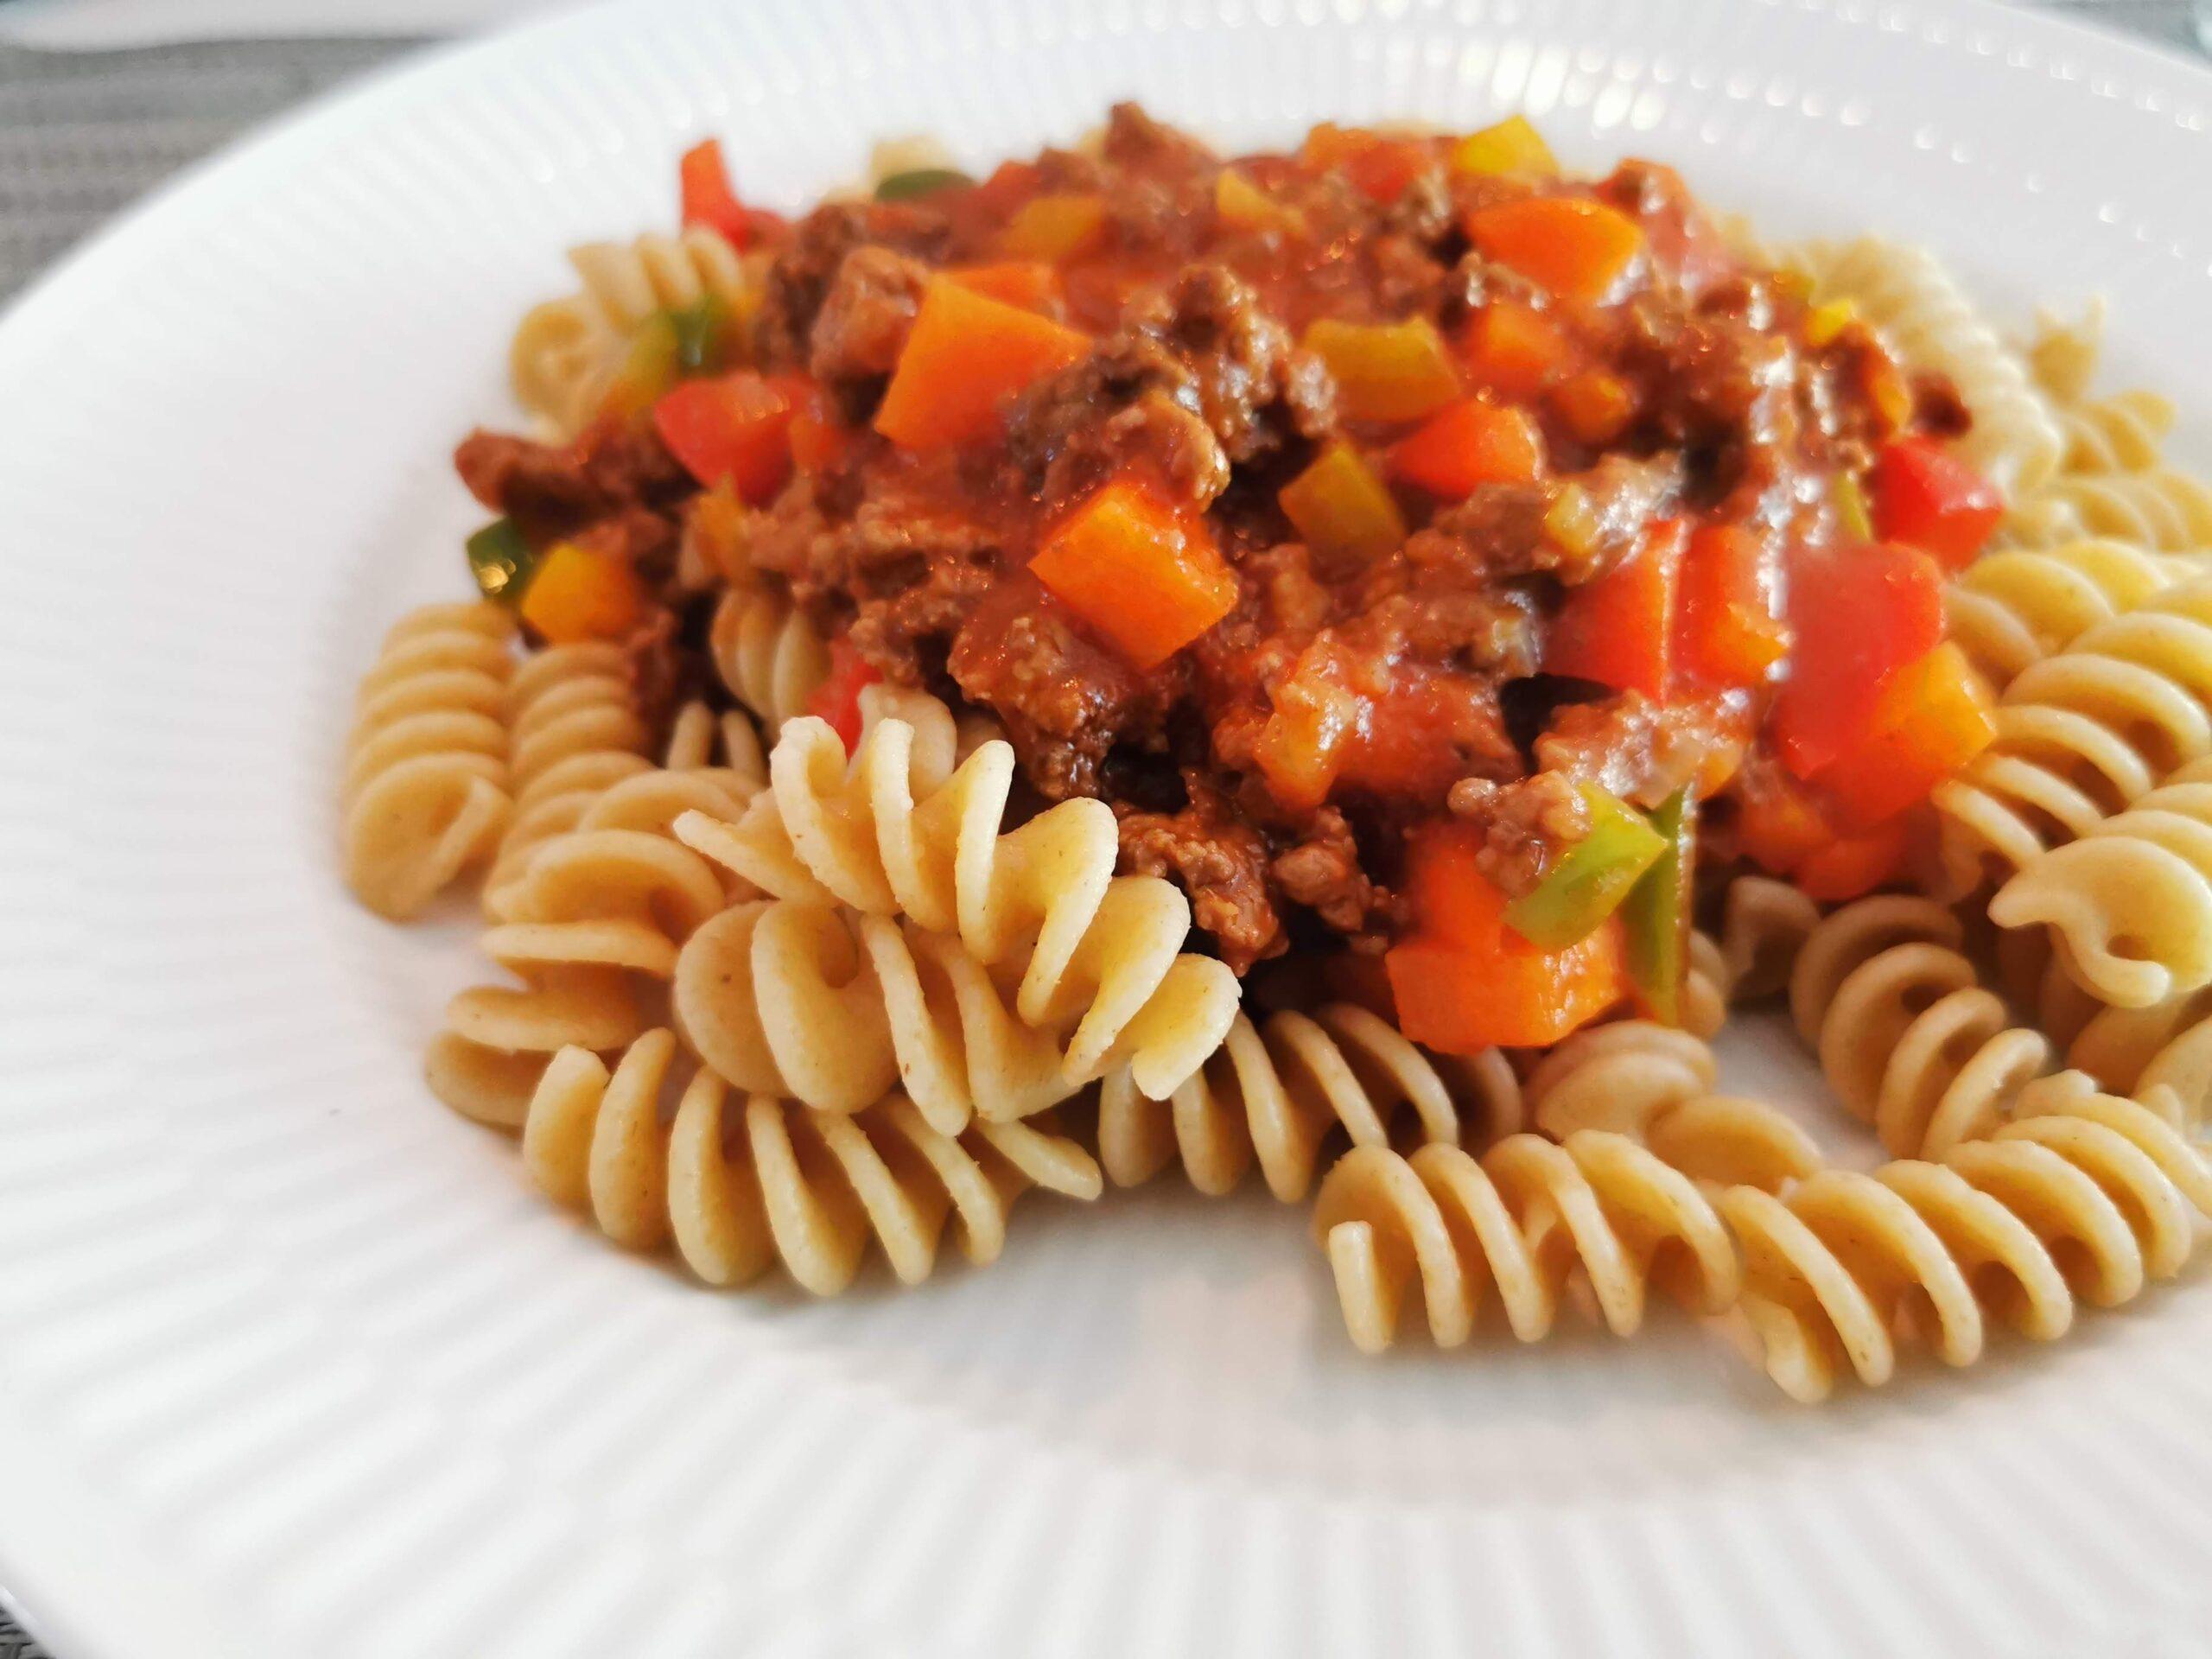 Børnevenlig mad: Pasta med kødsovs